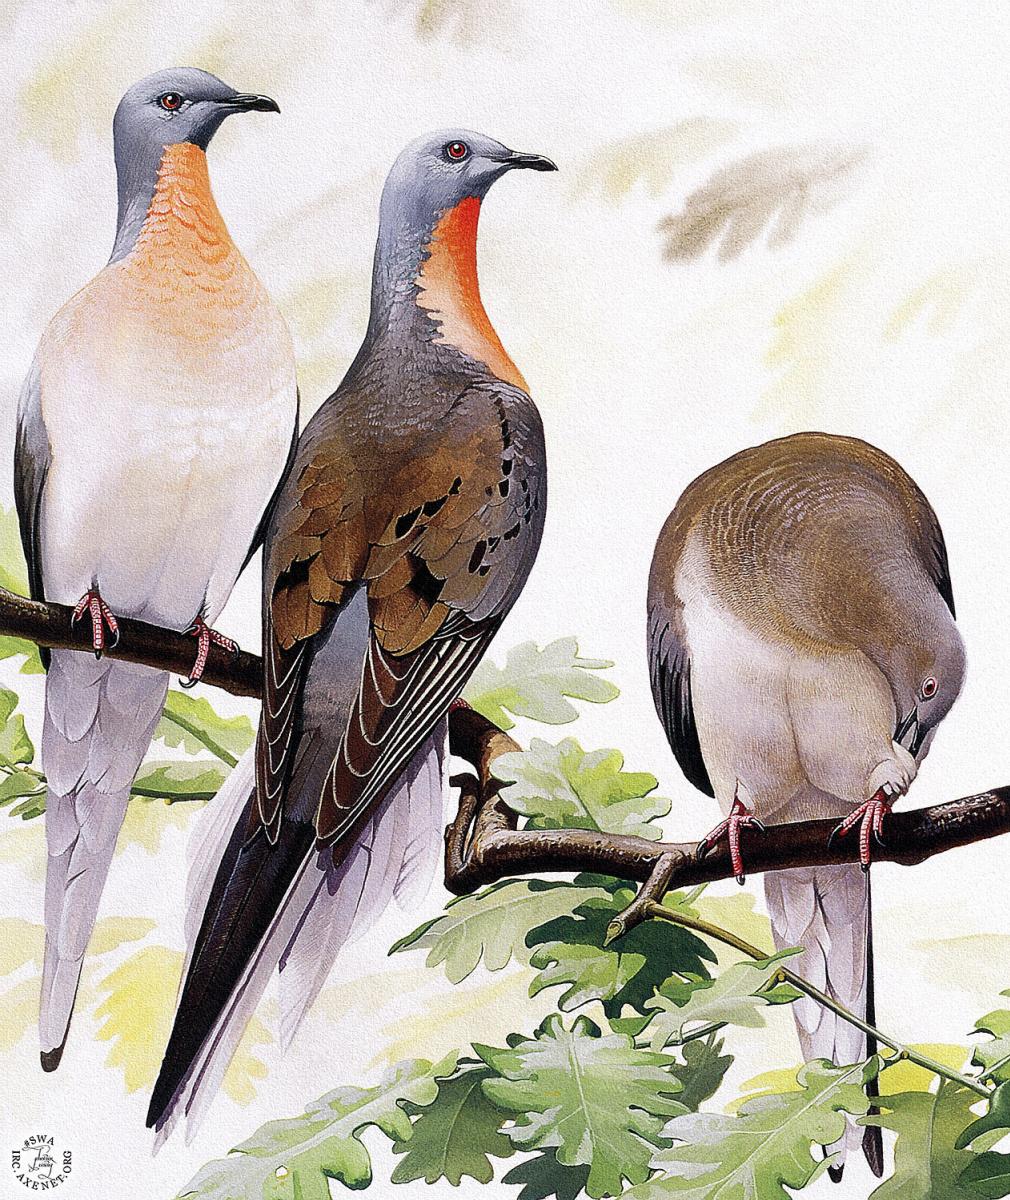 Исчезнувшие животные и птицы в картинках